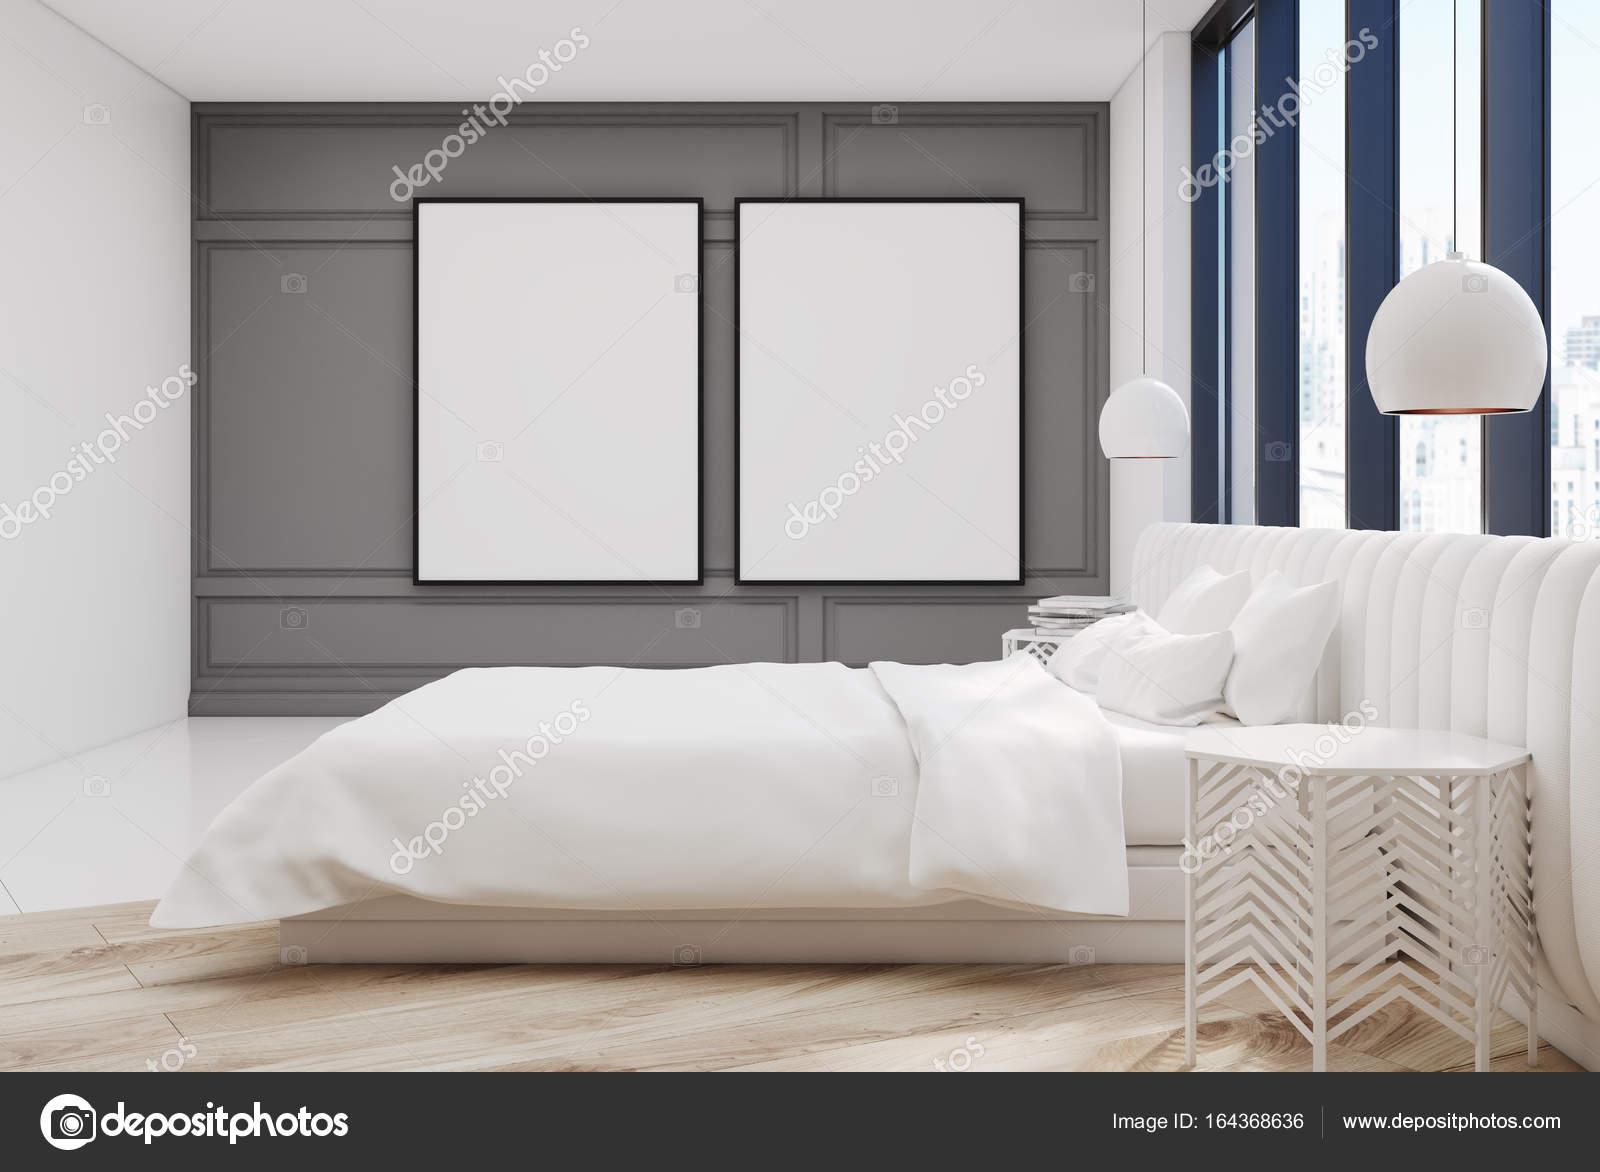 Posters In Slaapkamer : Drie lege verticale posters in slaapkamer over houten bed